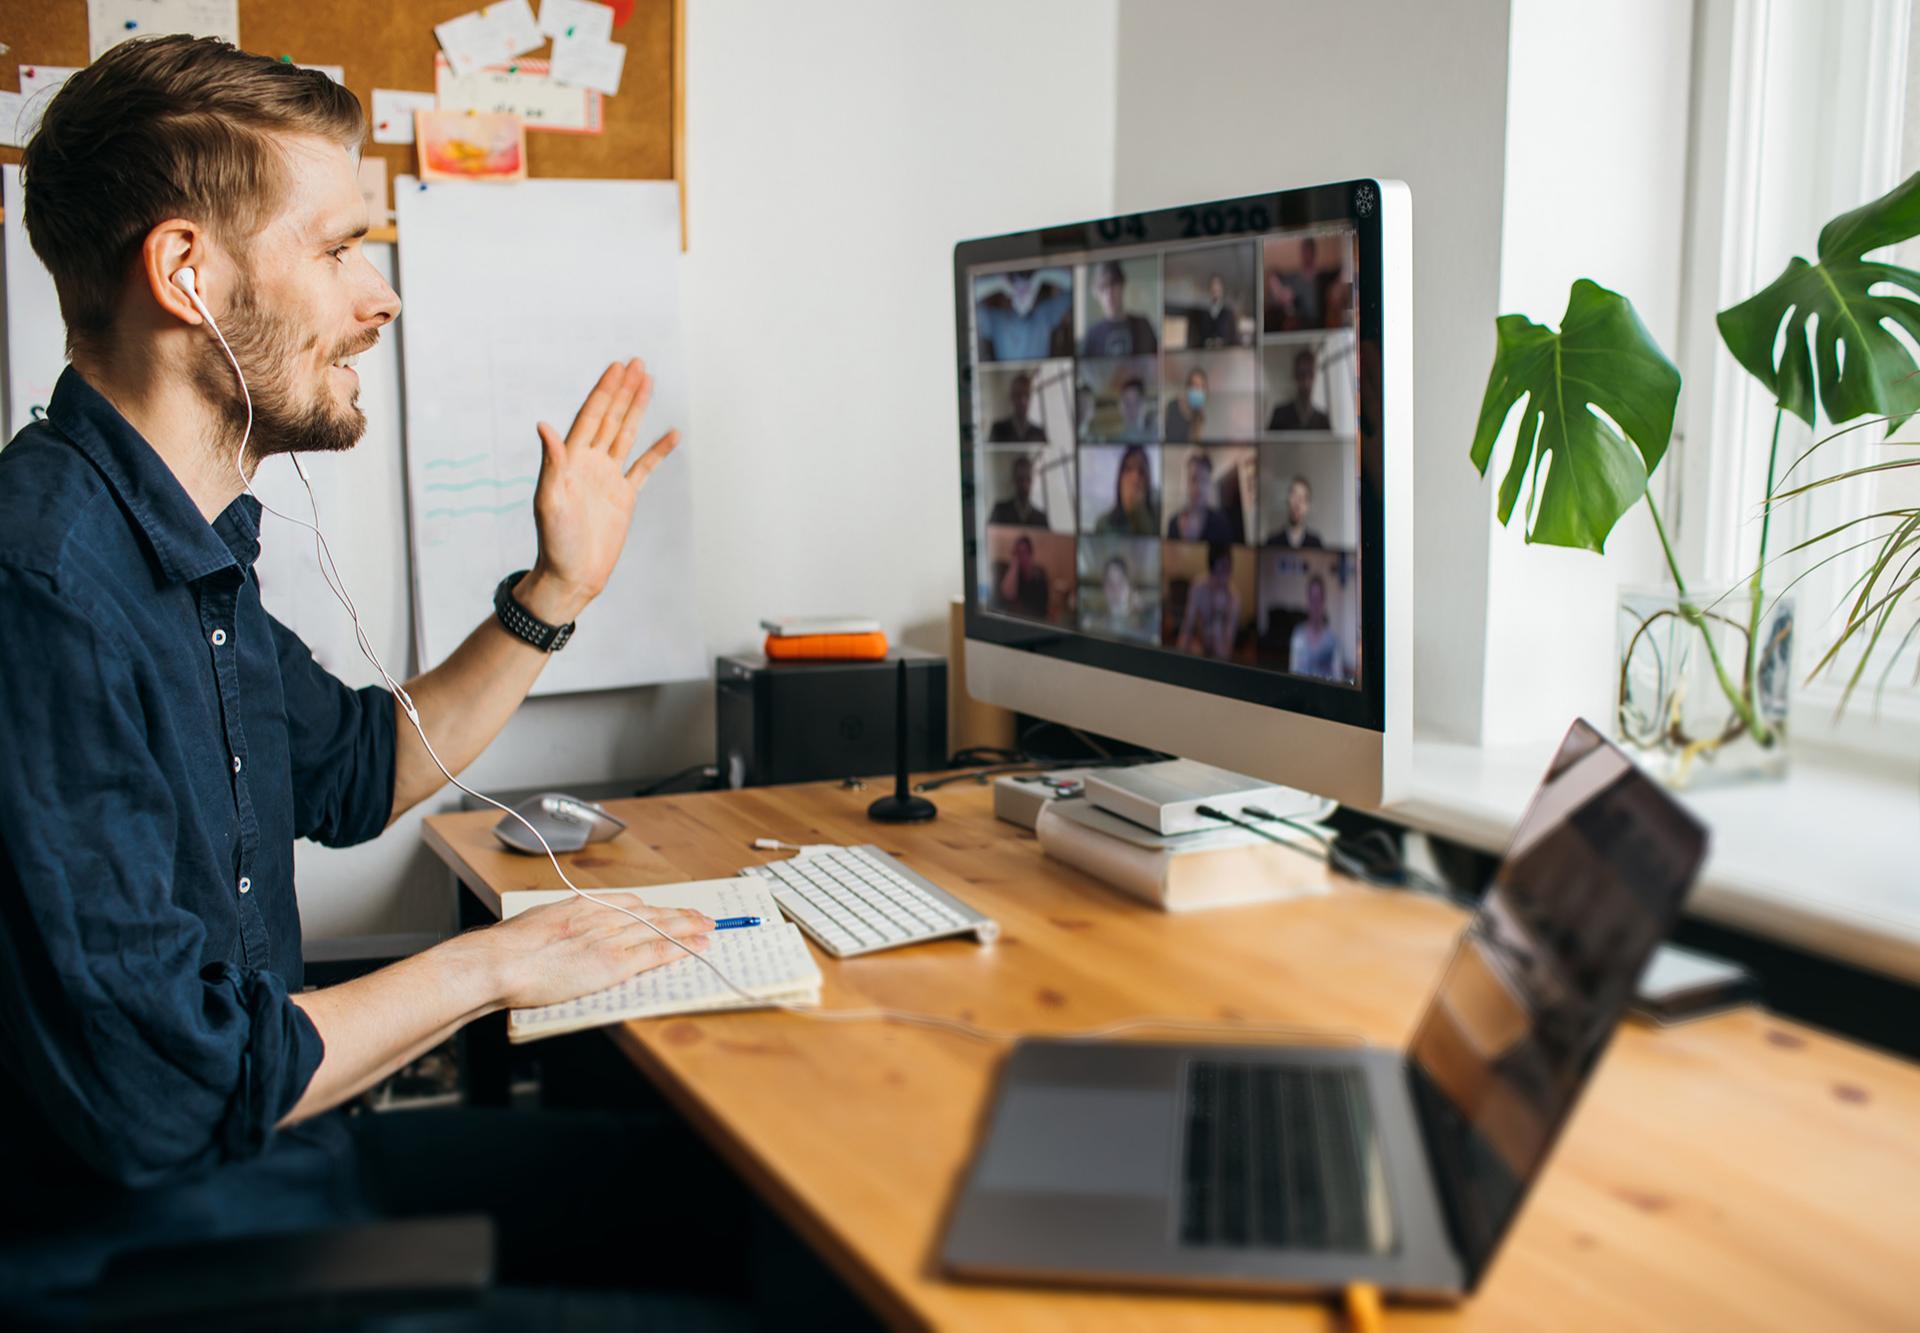 В принципе, благодаря современным средствам связи, работать можно откуда угодно